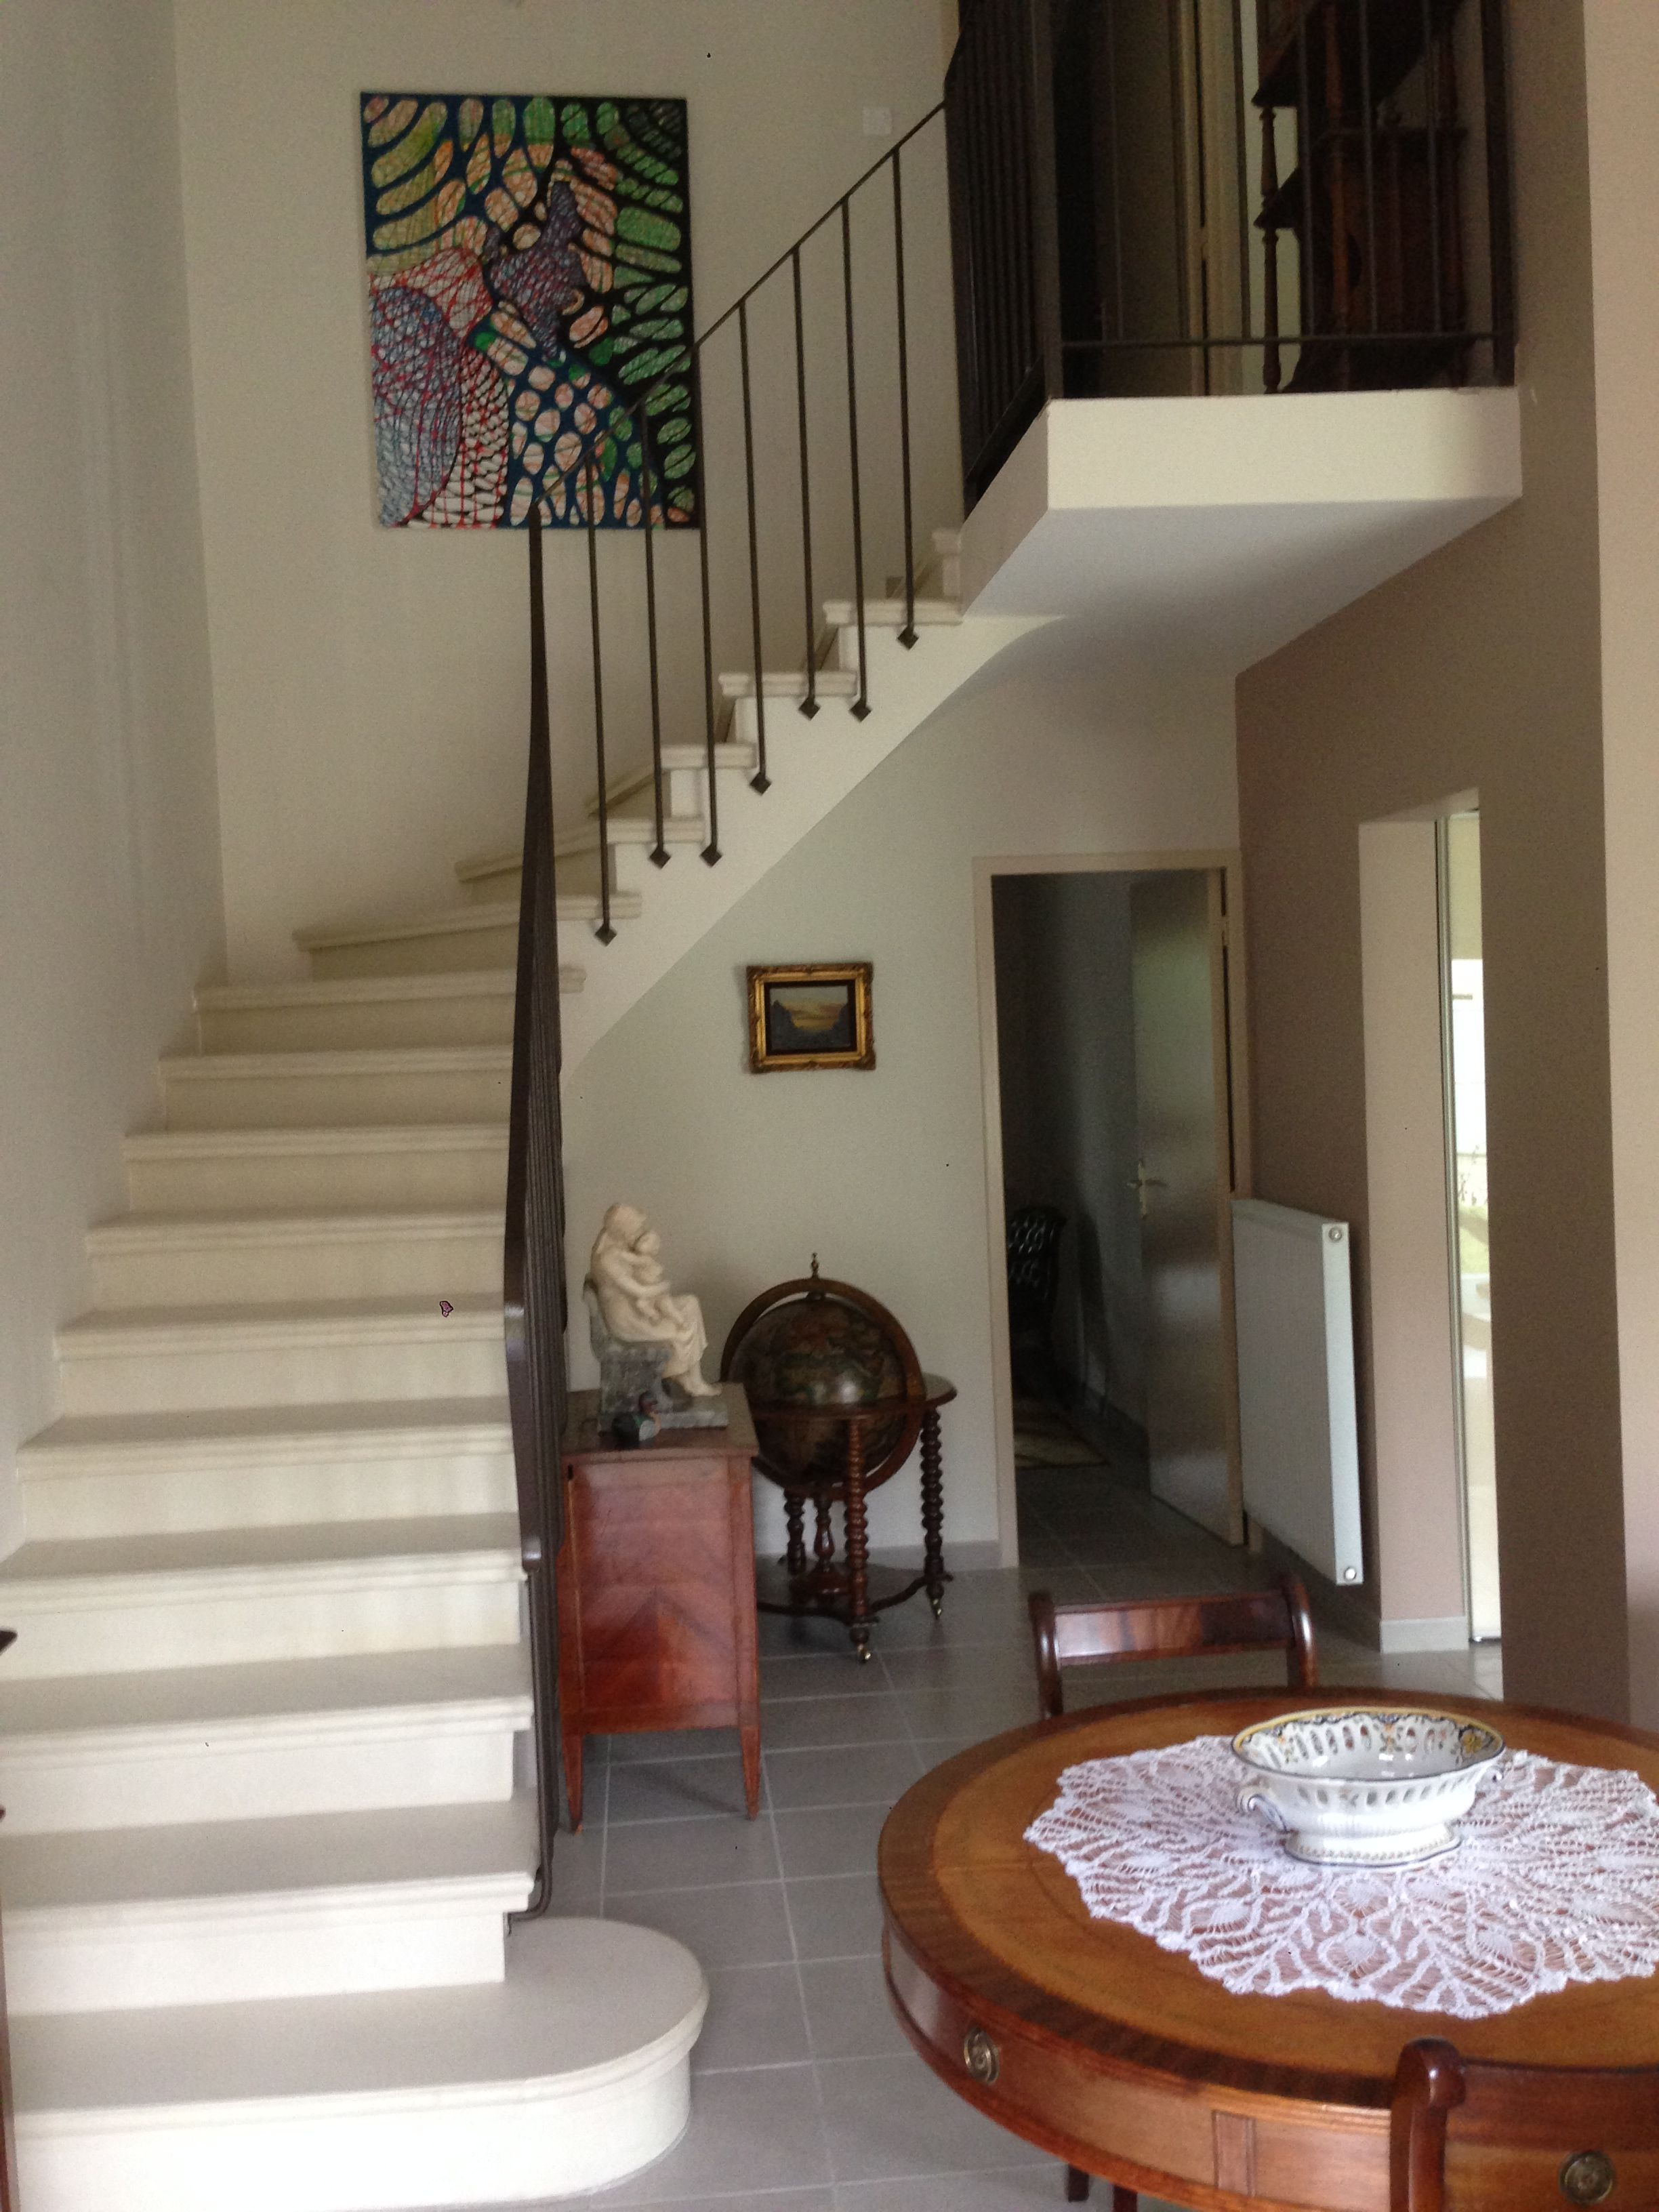 escalier b ton teint ton pierre nez de marche arrondi. Black Bedroom Furniture Sets. Home Design Ideas